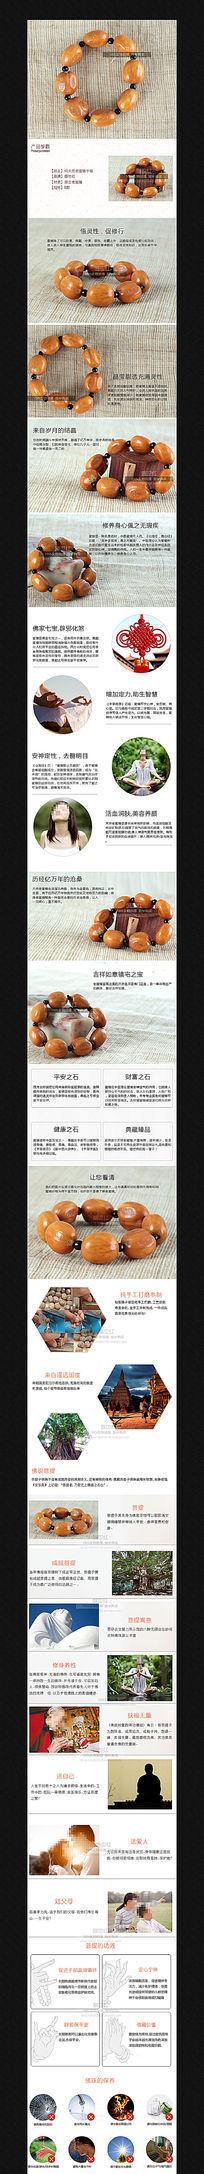 淘宝装饰品店铺详情页模板